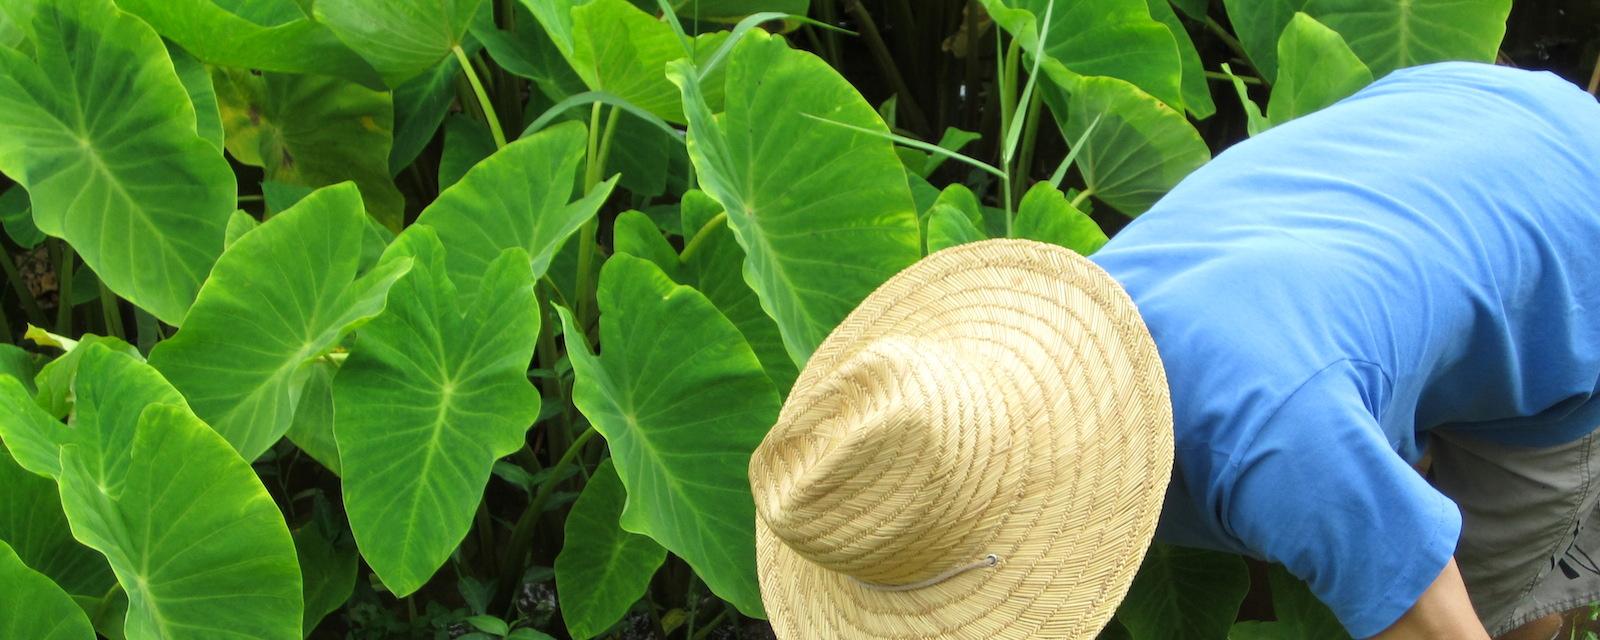 Farmer bending near Taro leaves